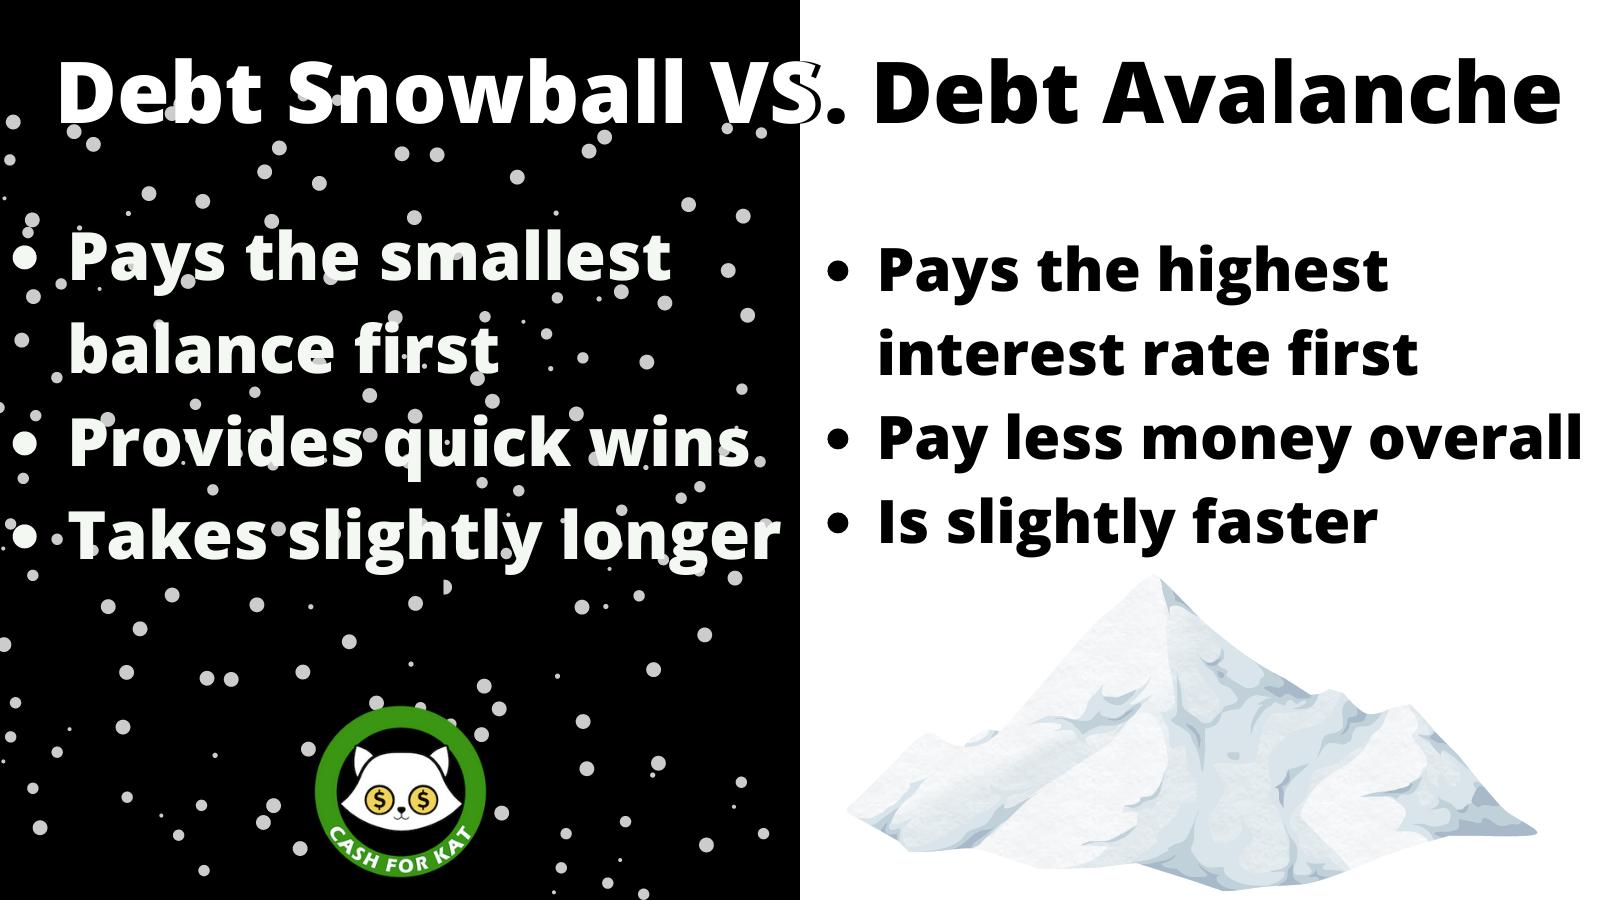 debt avalanche vs debt snowball comparison